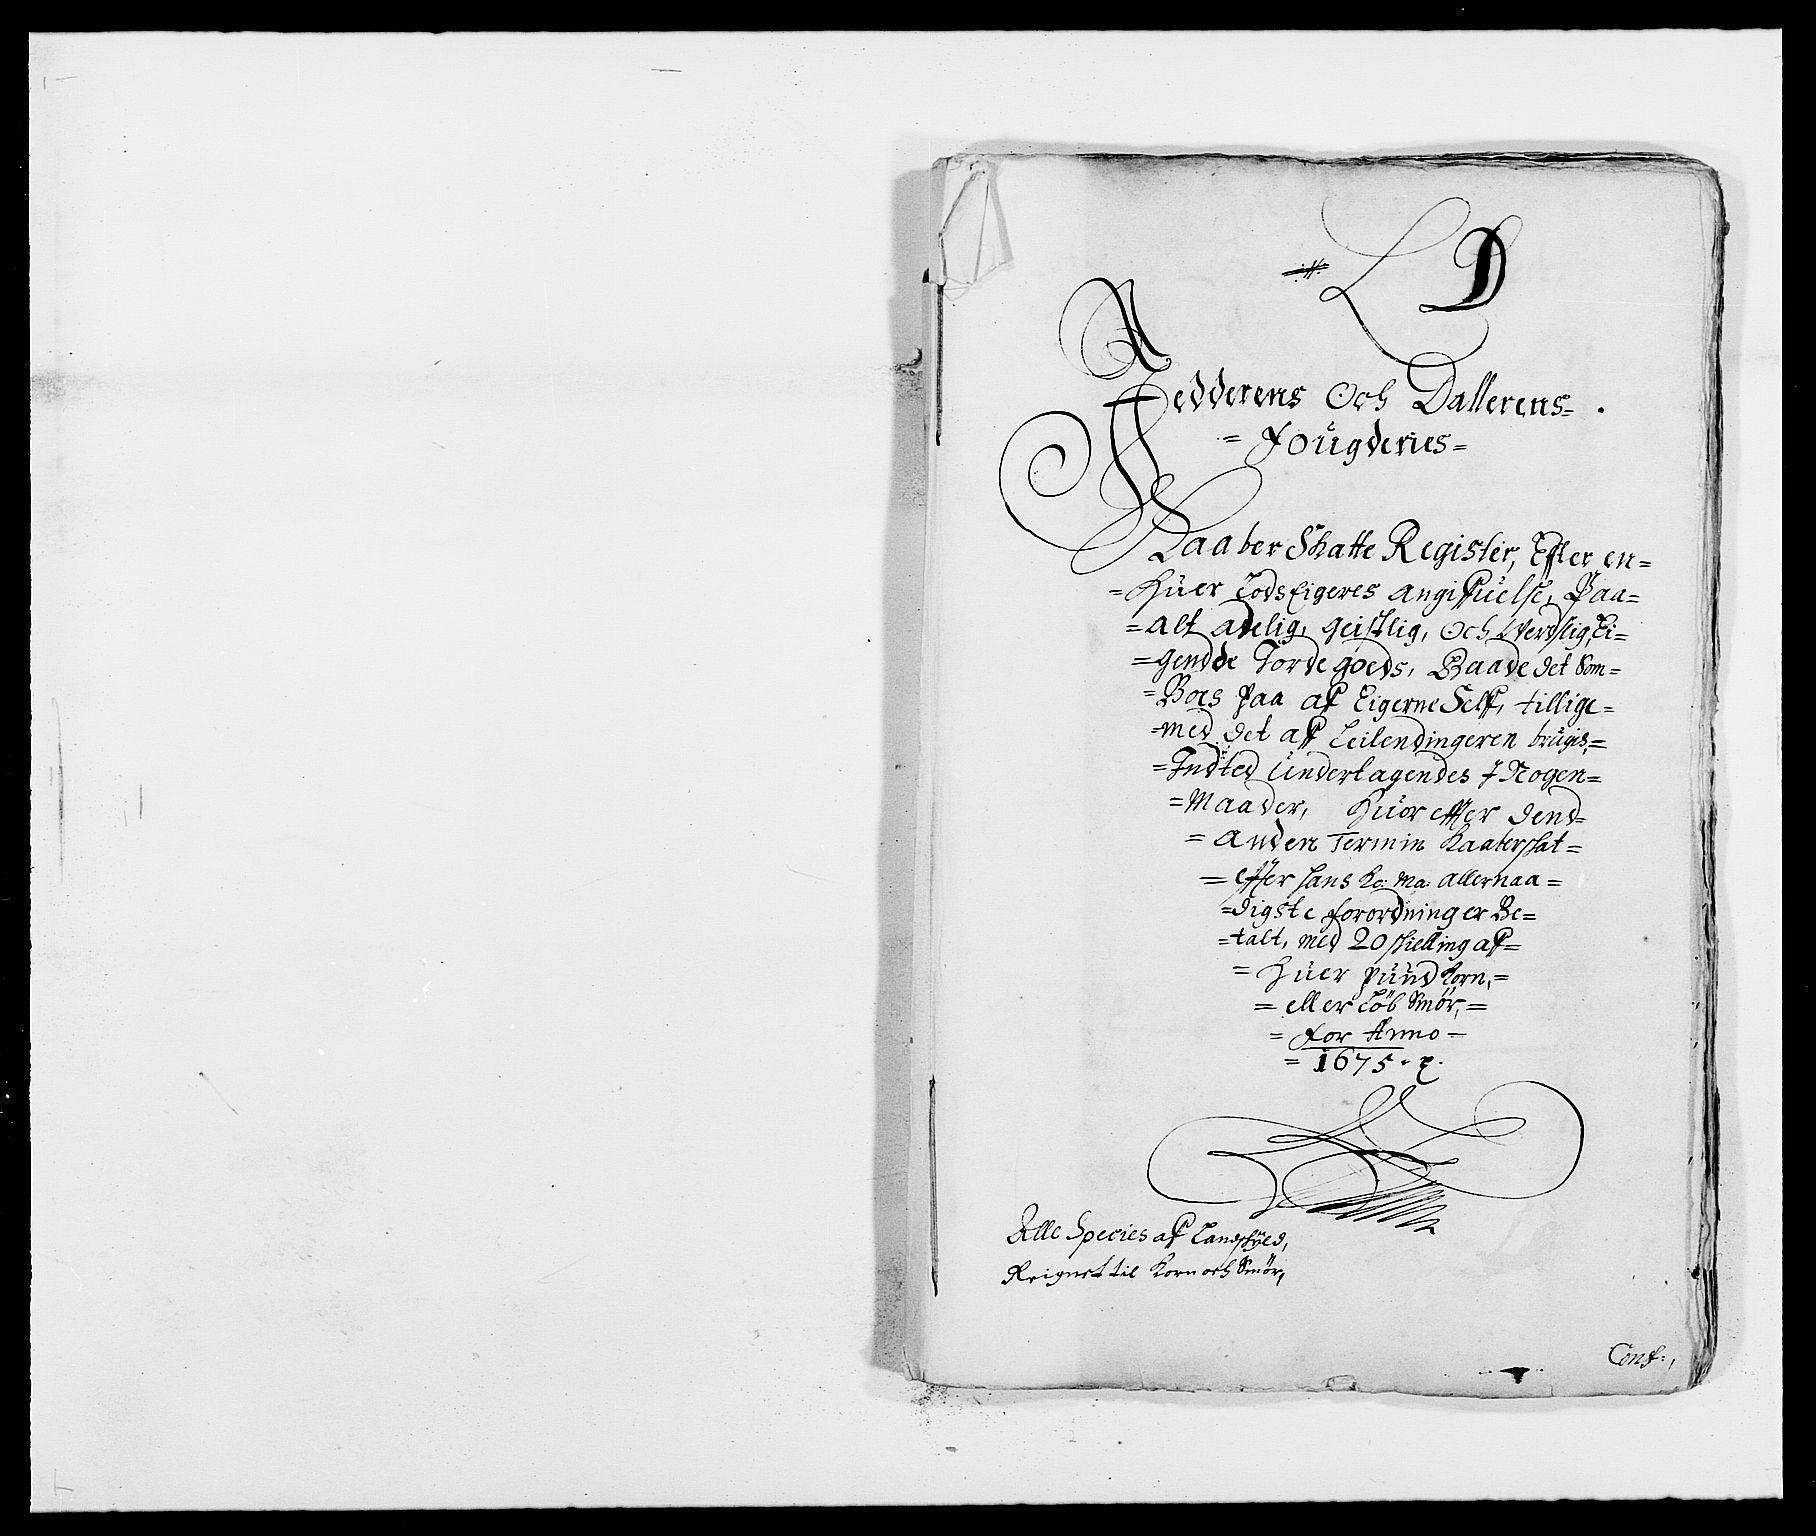 RA, Rentekammeret inntil 1814, Reviderte regnskaper, Fogderegnskap, R46/L2715: Fogderegnskap Jæren og Dalane, 1675, s. 136